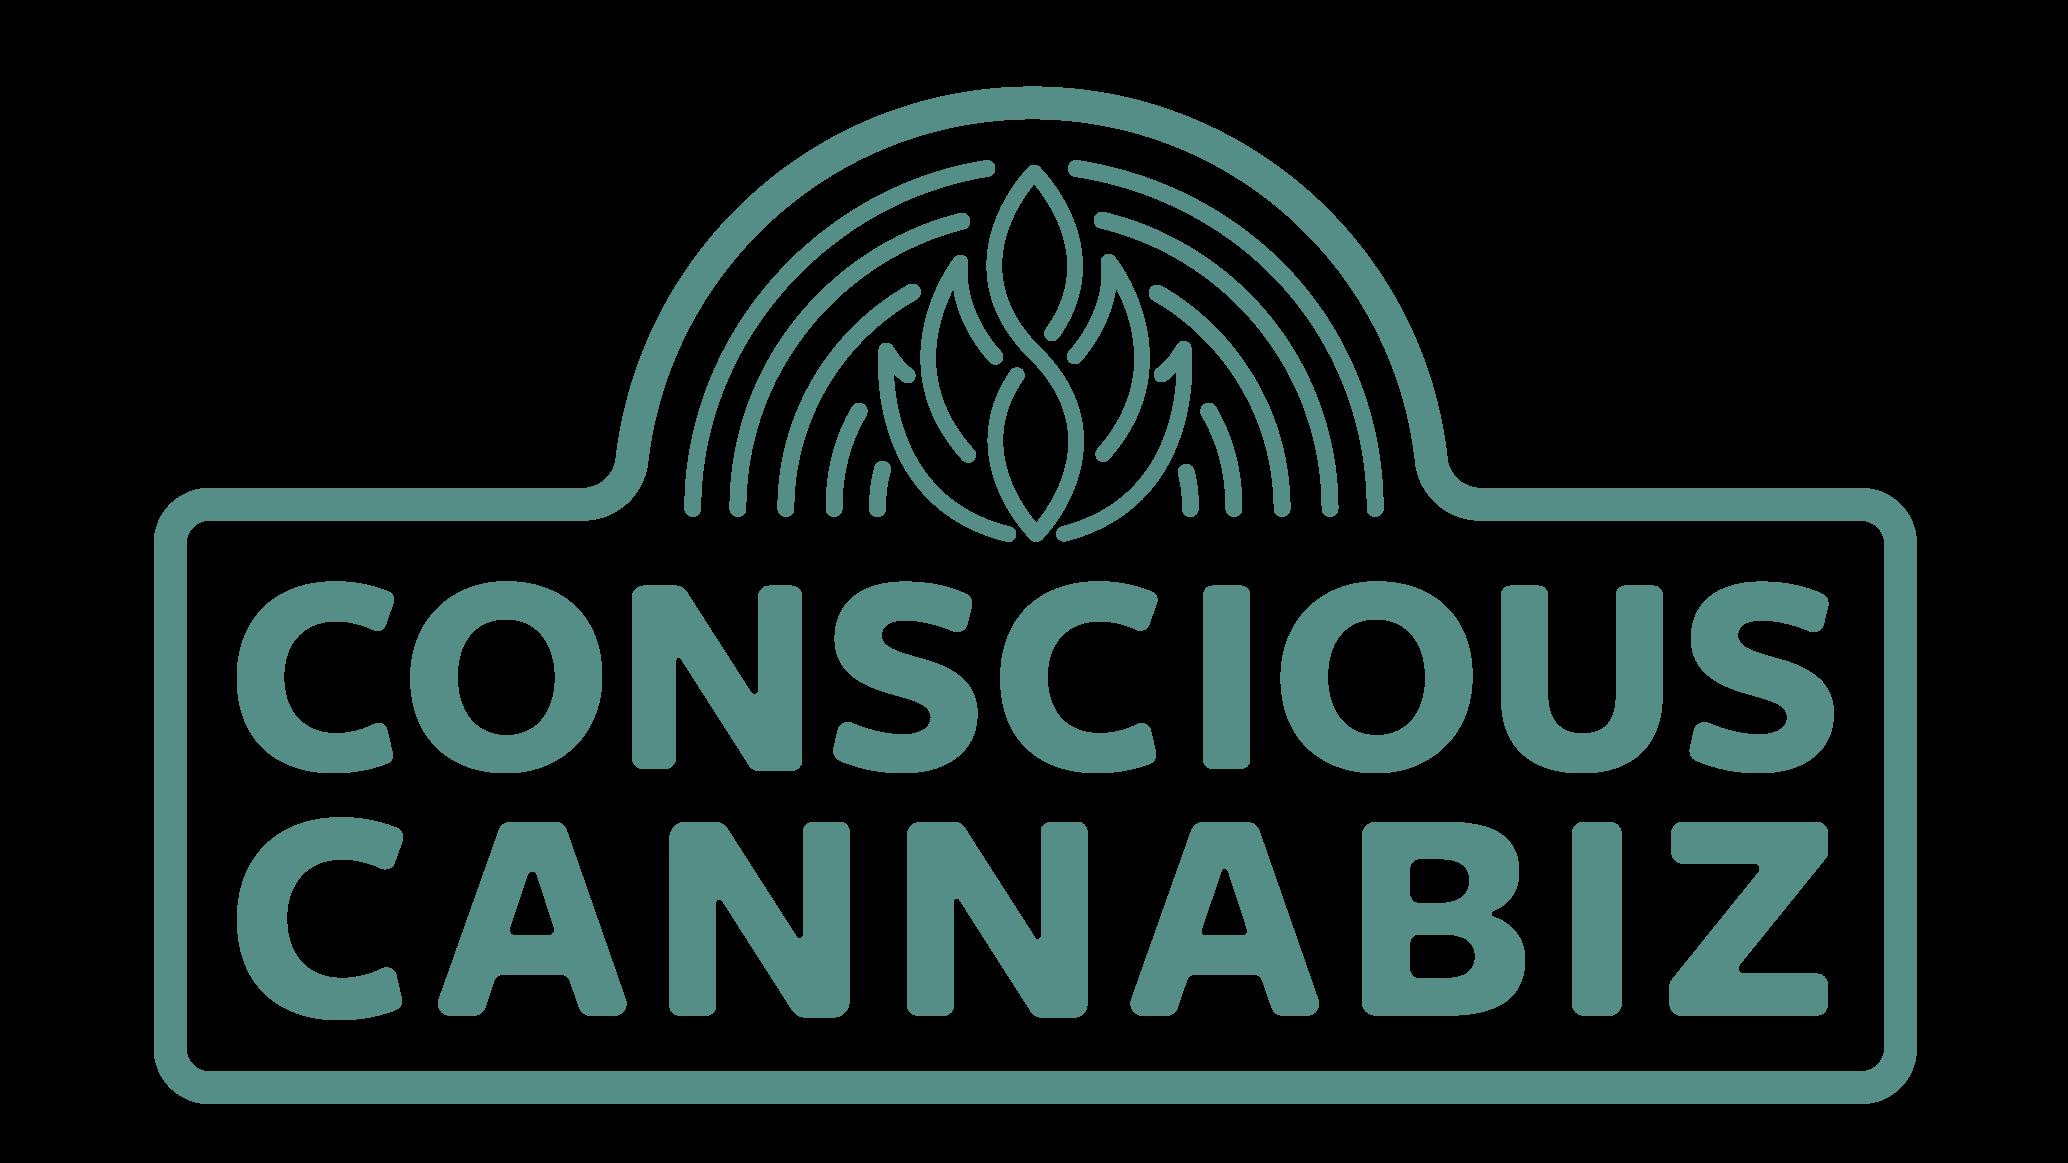 Conscious Cannabiz